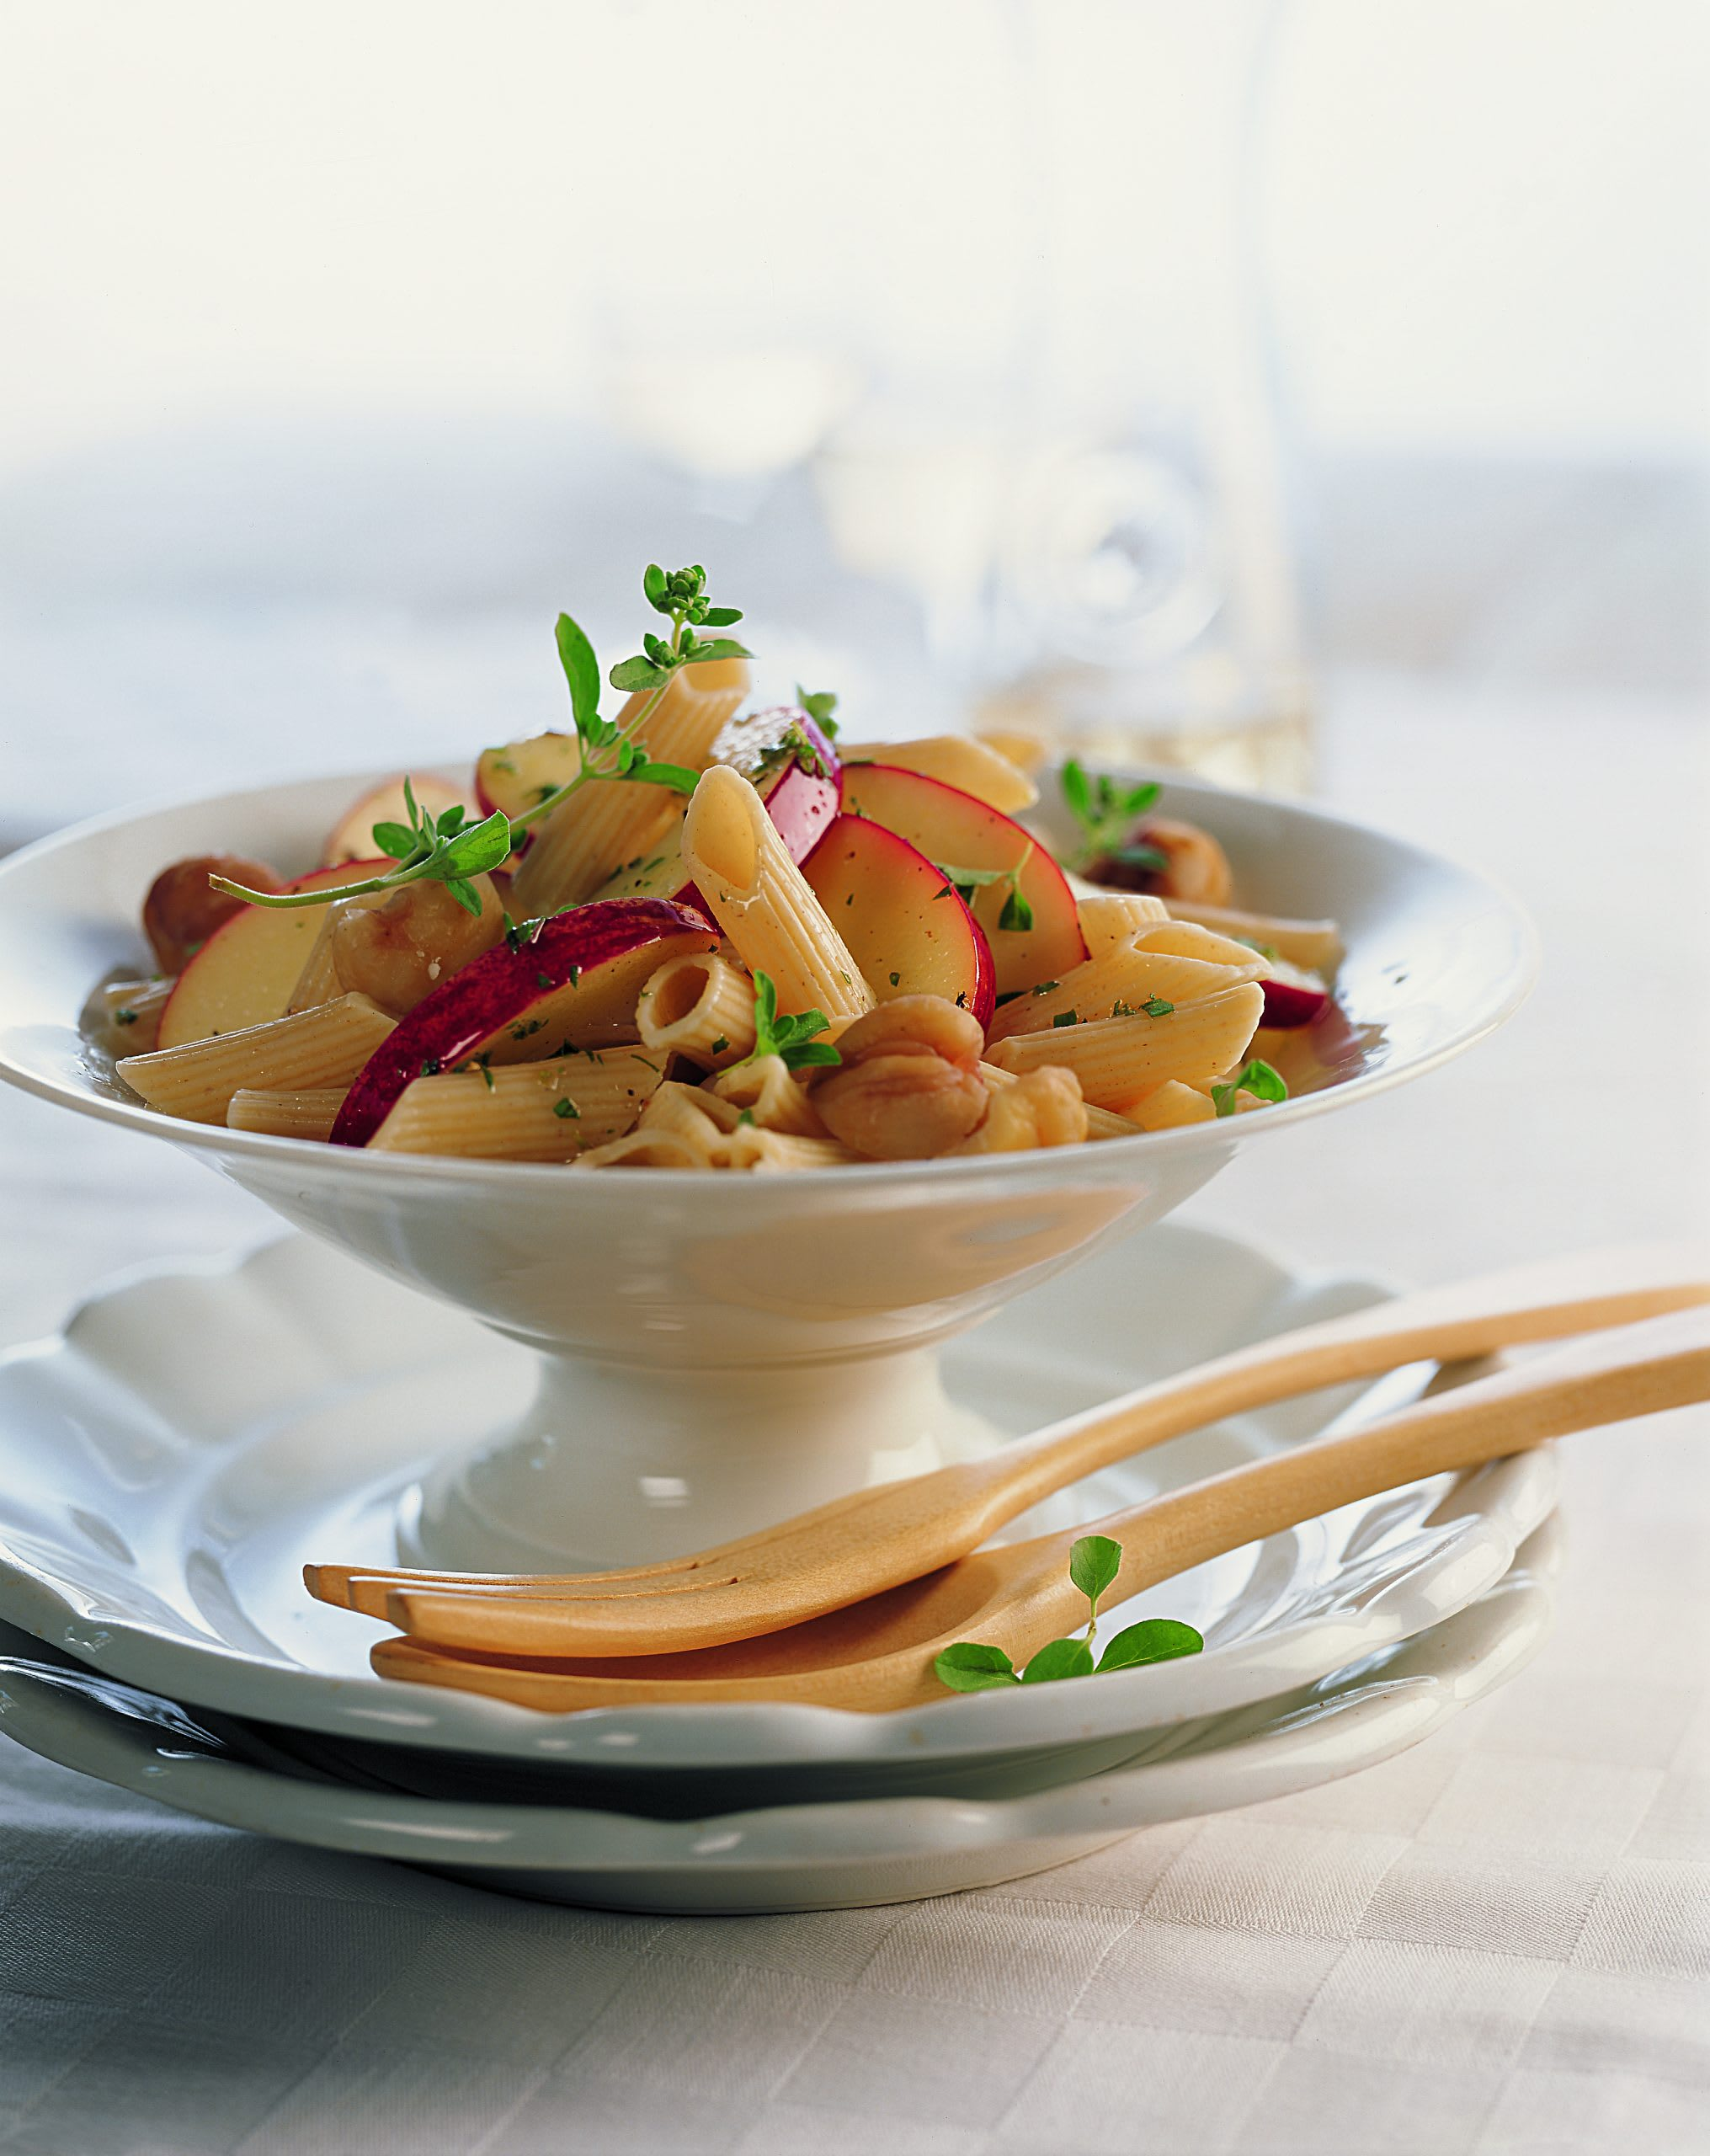 Salade de penne aux marrons sauce aux pommes